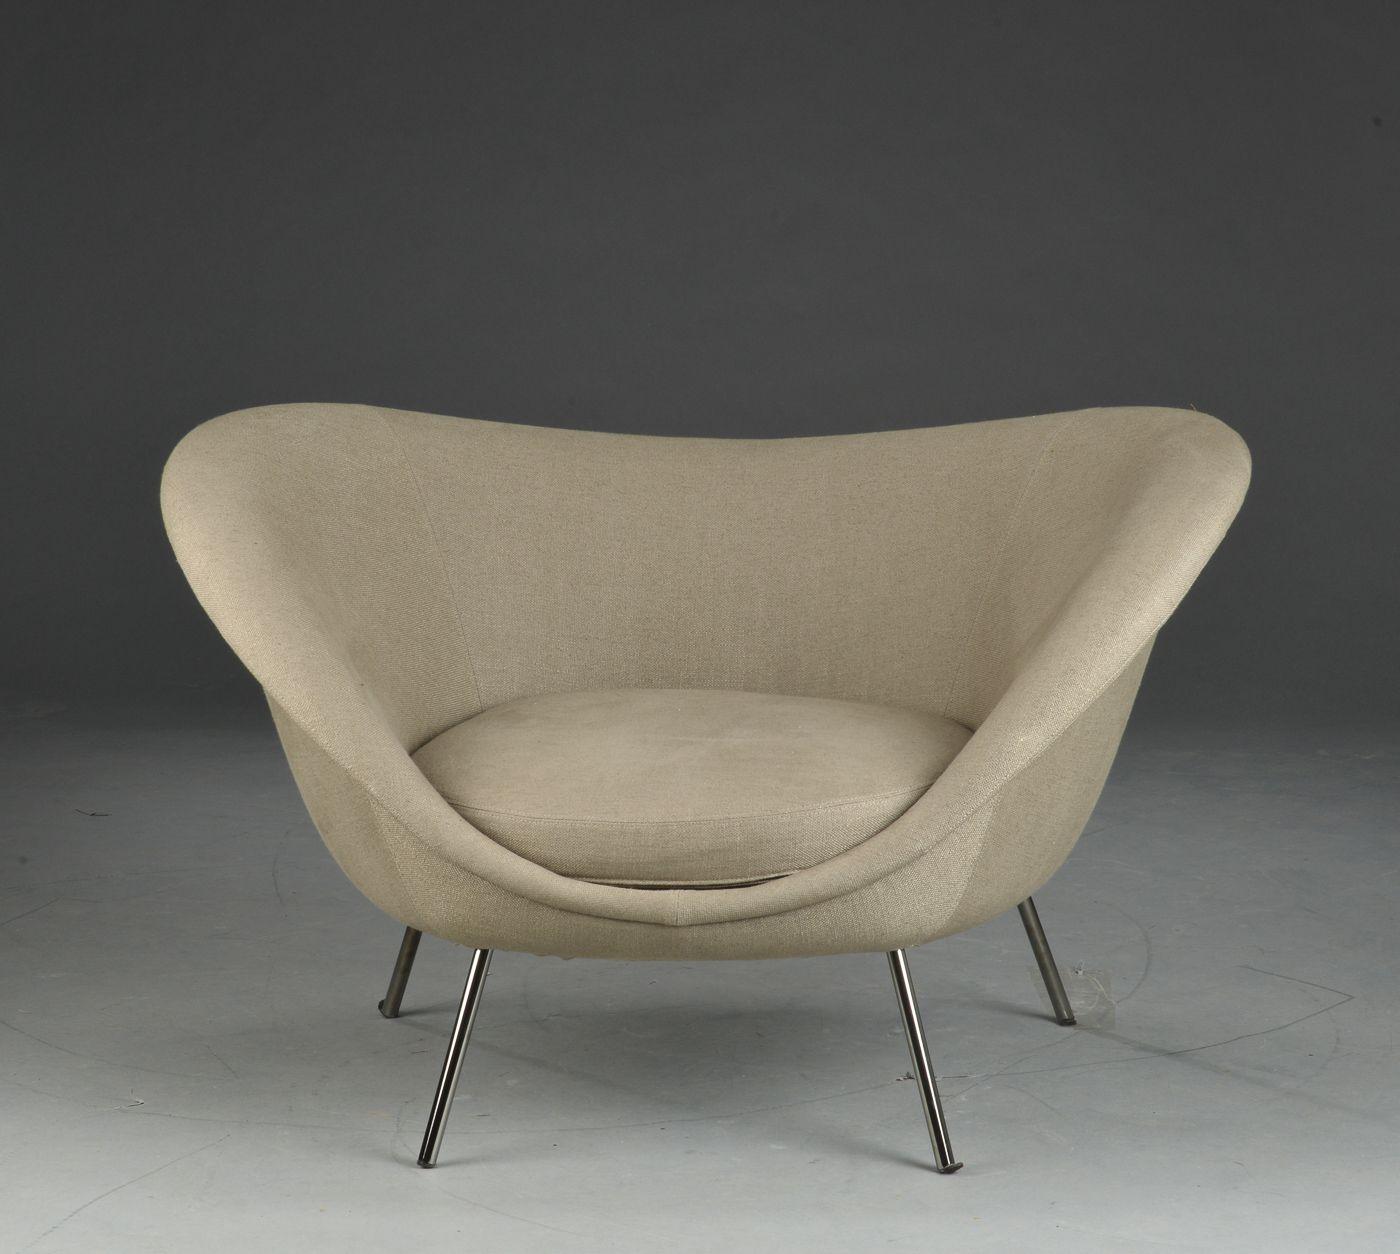 Gio ponti 39 d 154 2 39 lounge chair molteni italy - Gio ponti mobili ...